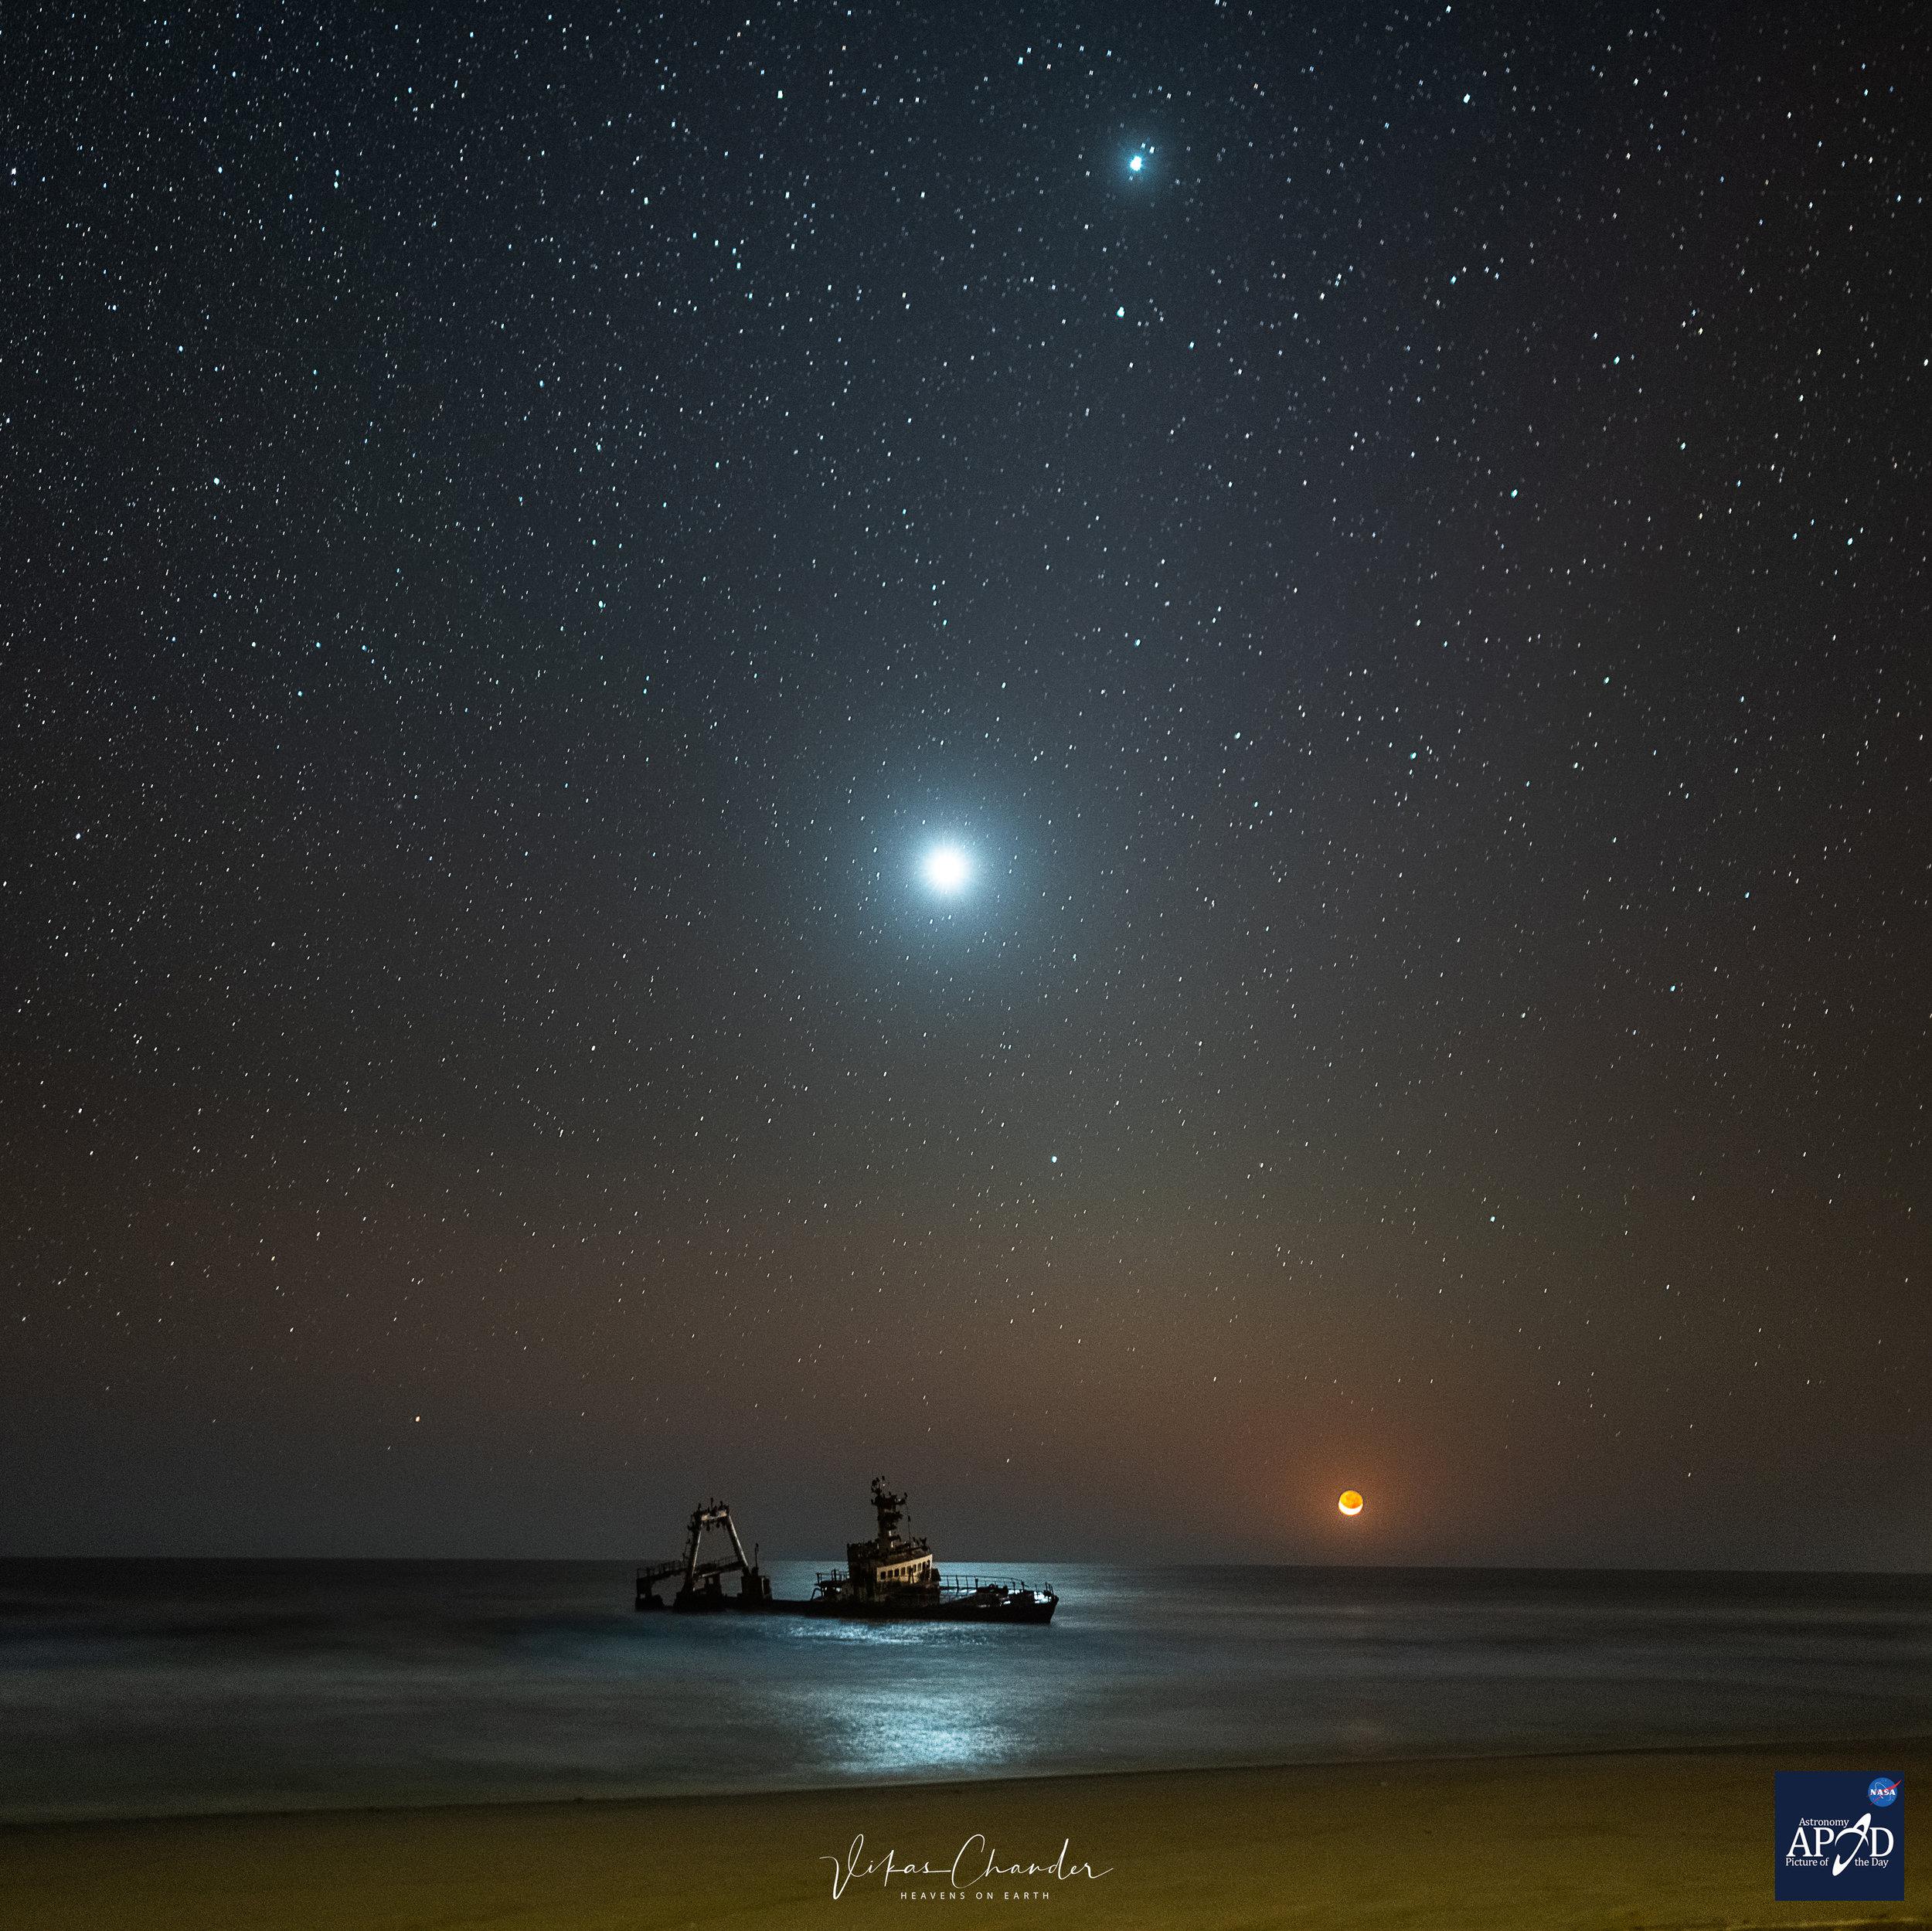 Zella-moonset-Apod.jpg